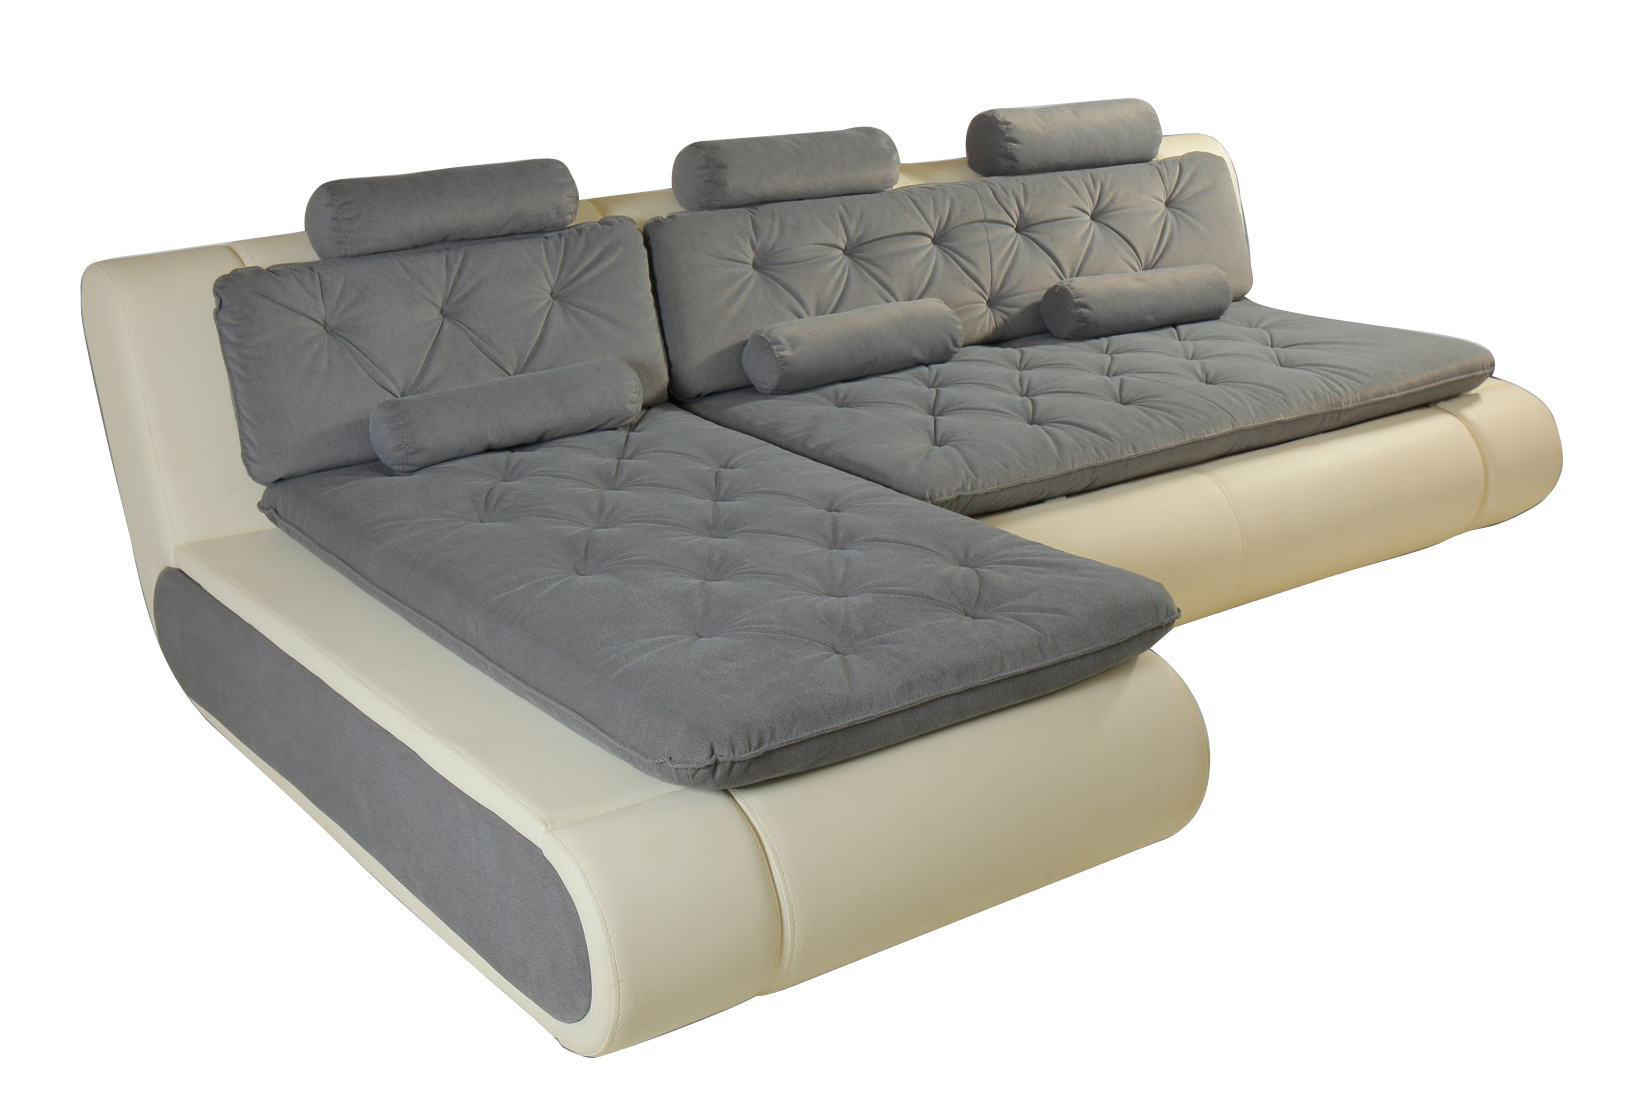 Угловой модульный диван Кормак Алмаз угловой диван кормак